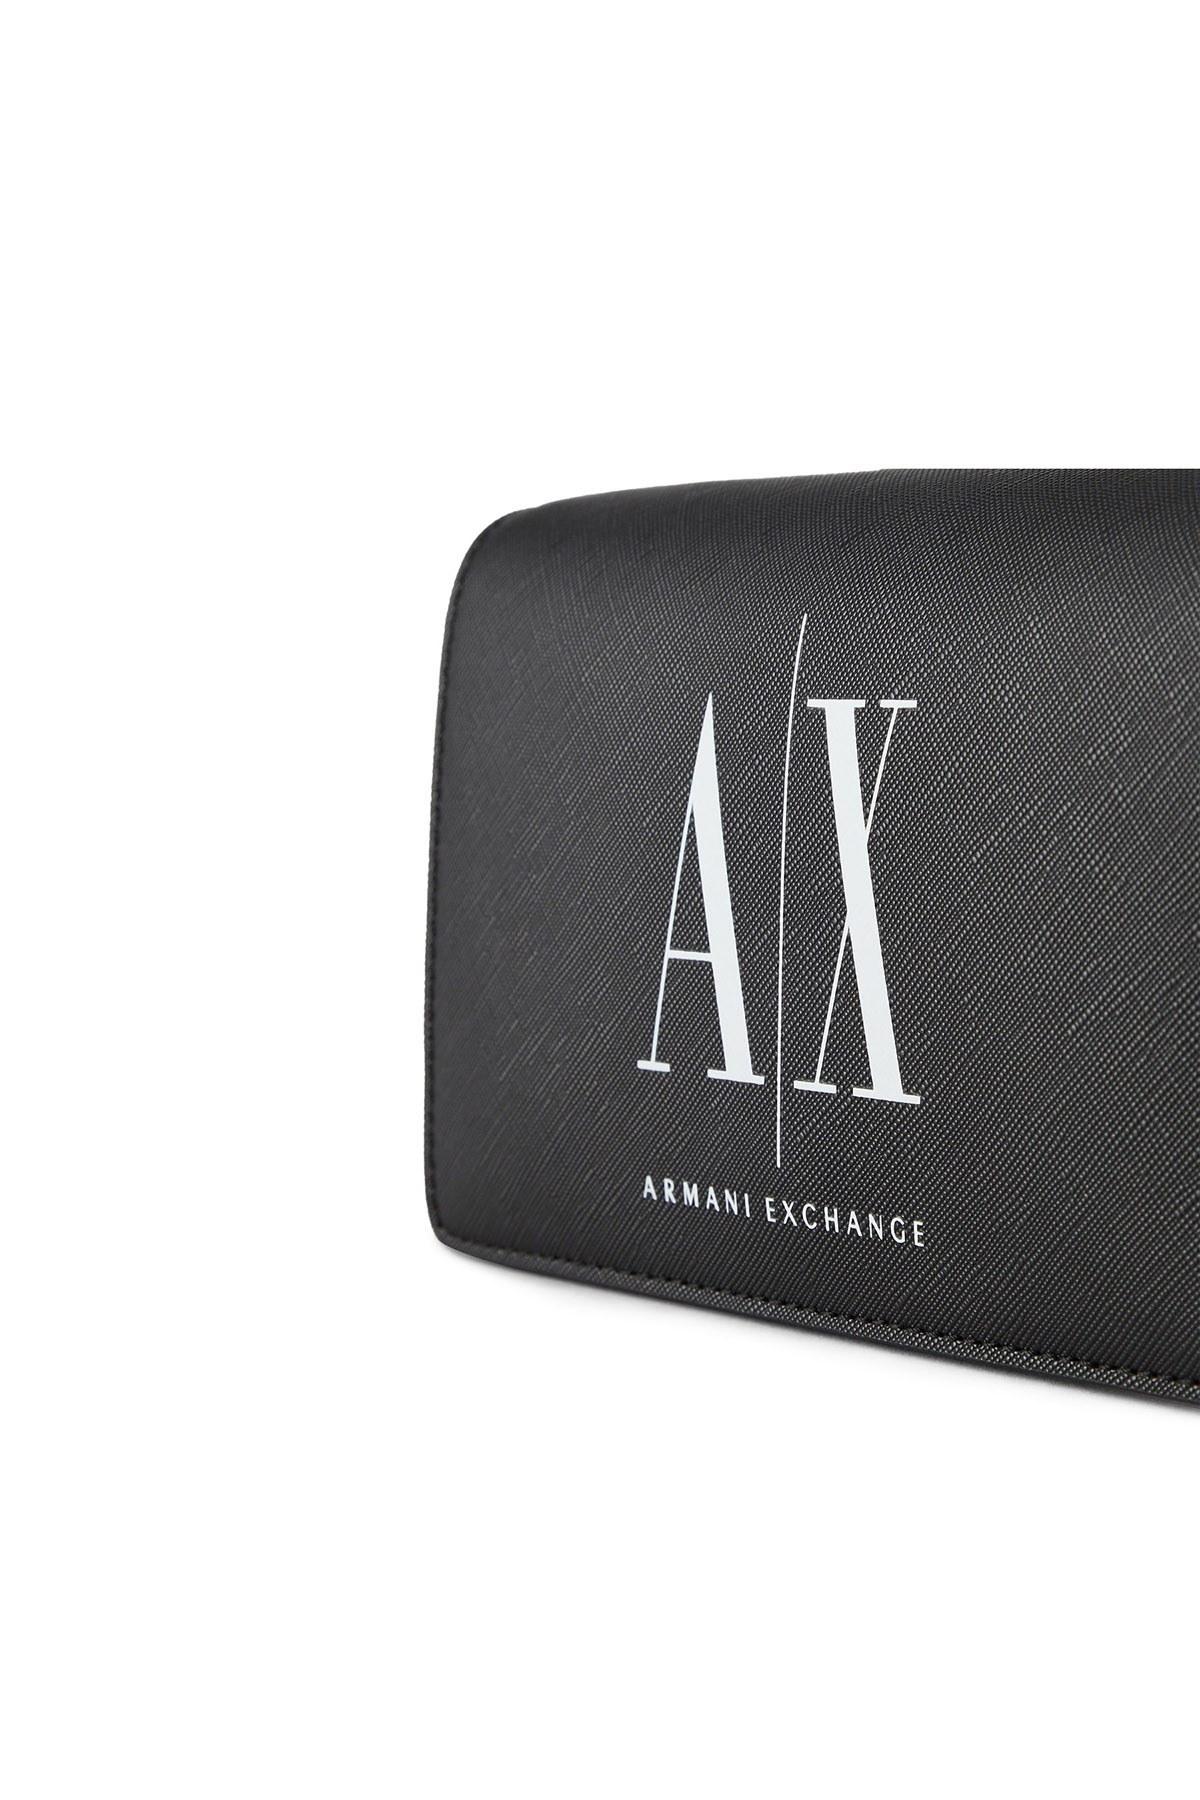 Armani Exchange Marka Logolu Omuz Bayan Çanta 942142 0P198 00121 SİYAH